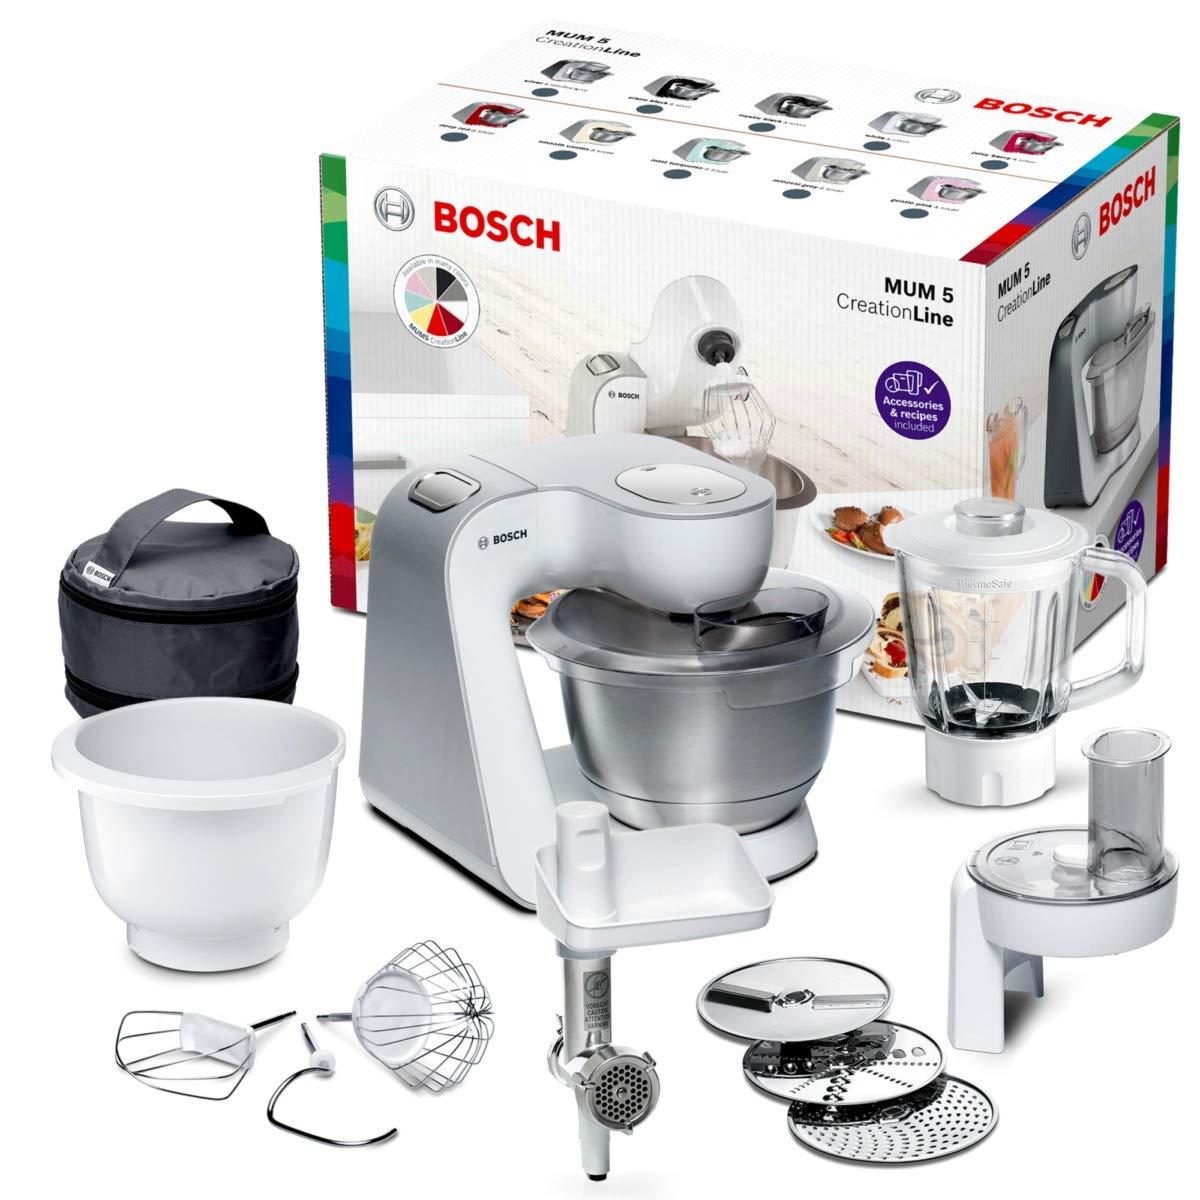 Bosch mum5824 C Creatable litio Line Universal – Robot de cocina, 1000, plástico, 2.7 kilos, color blanco: Amazon.es: Hogar